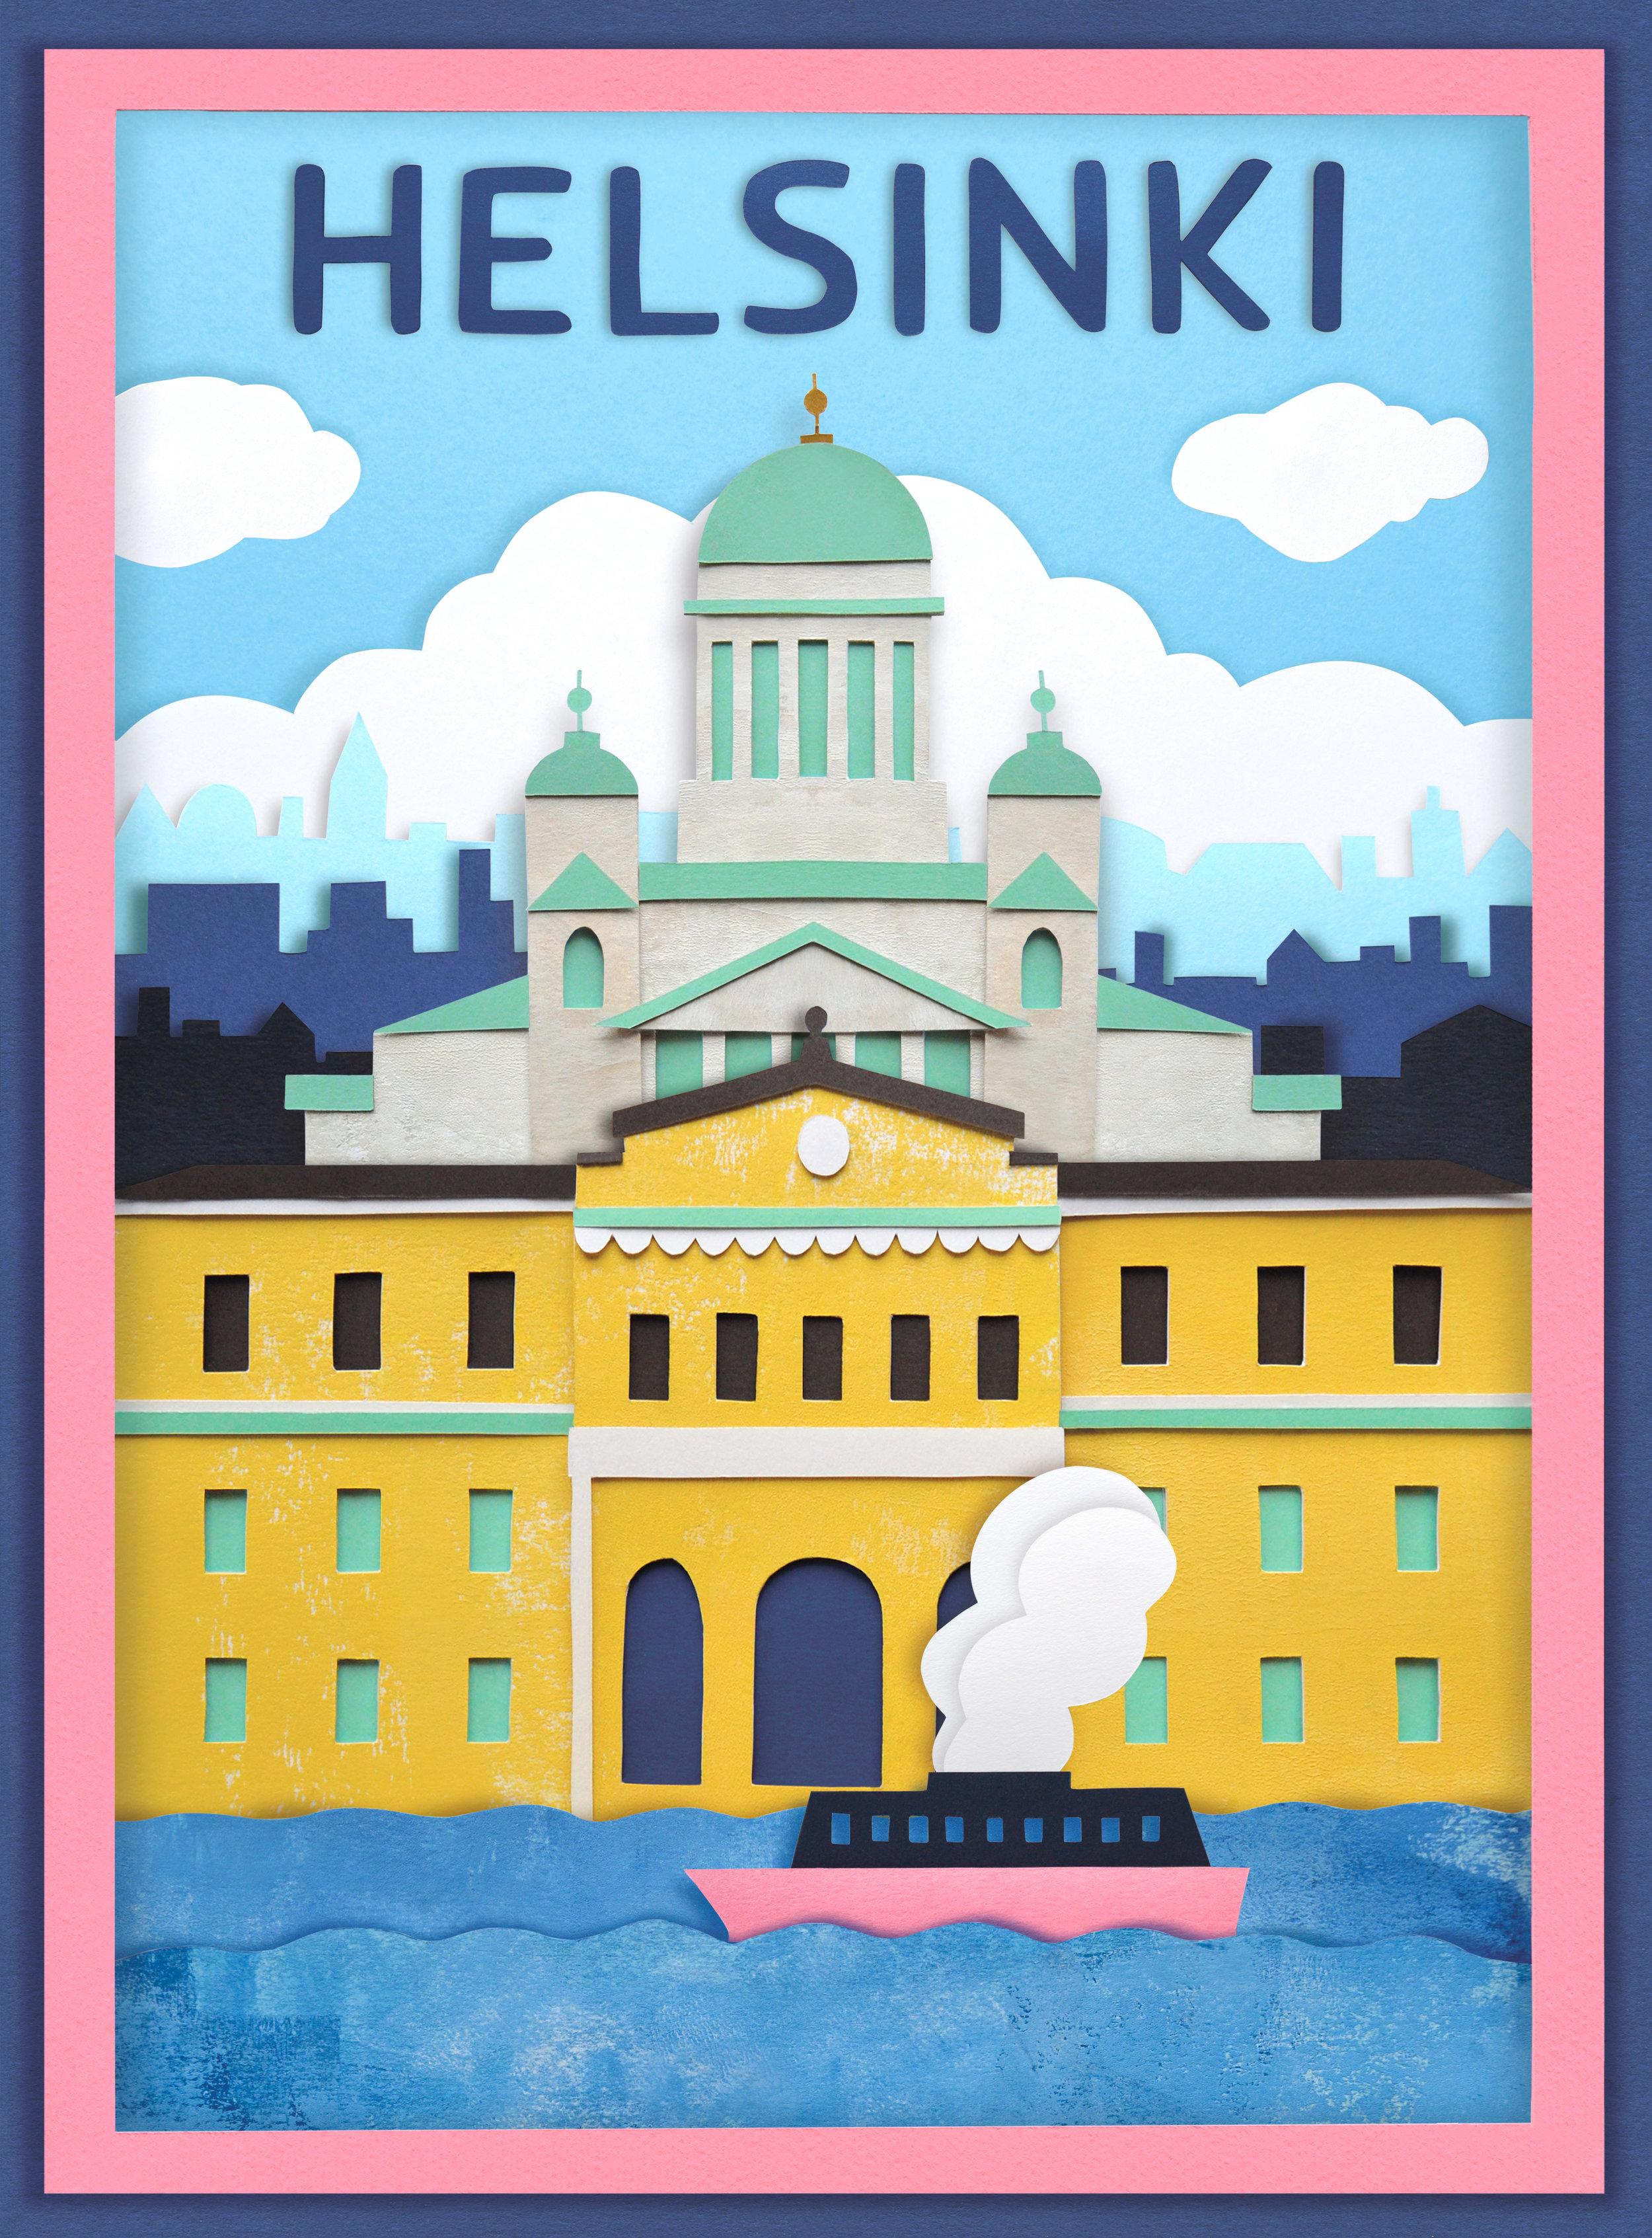 Helsinki_patch_final_edit.jpg